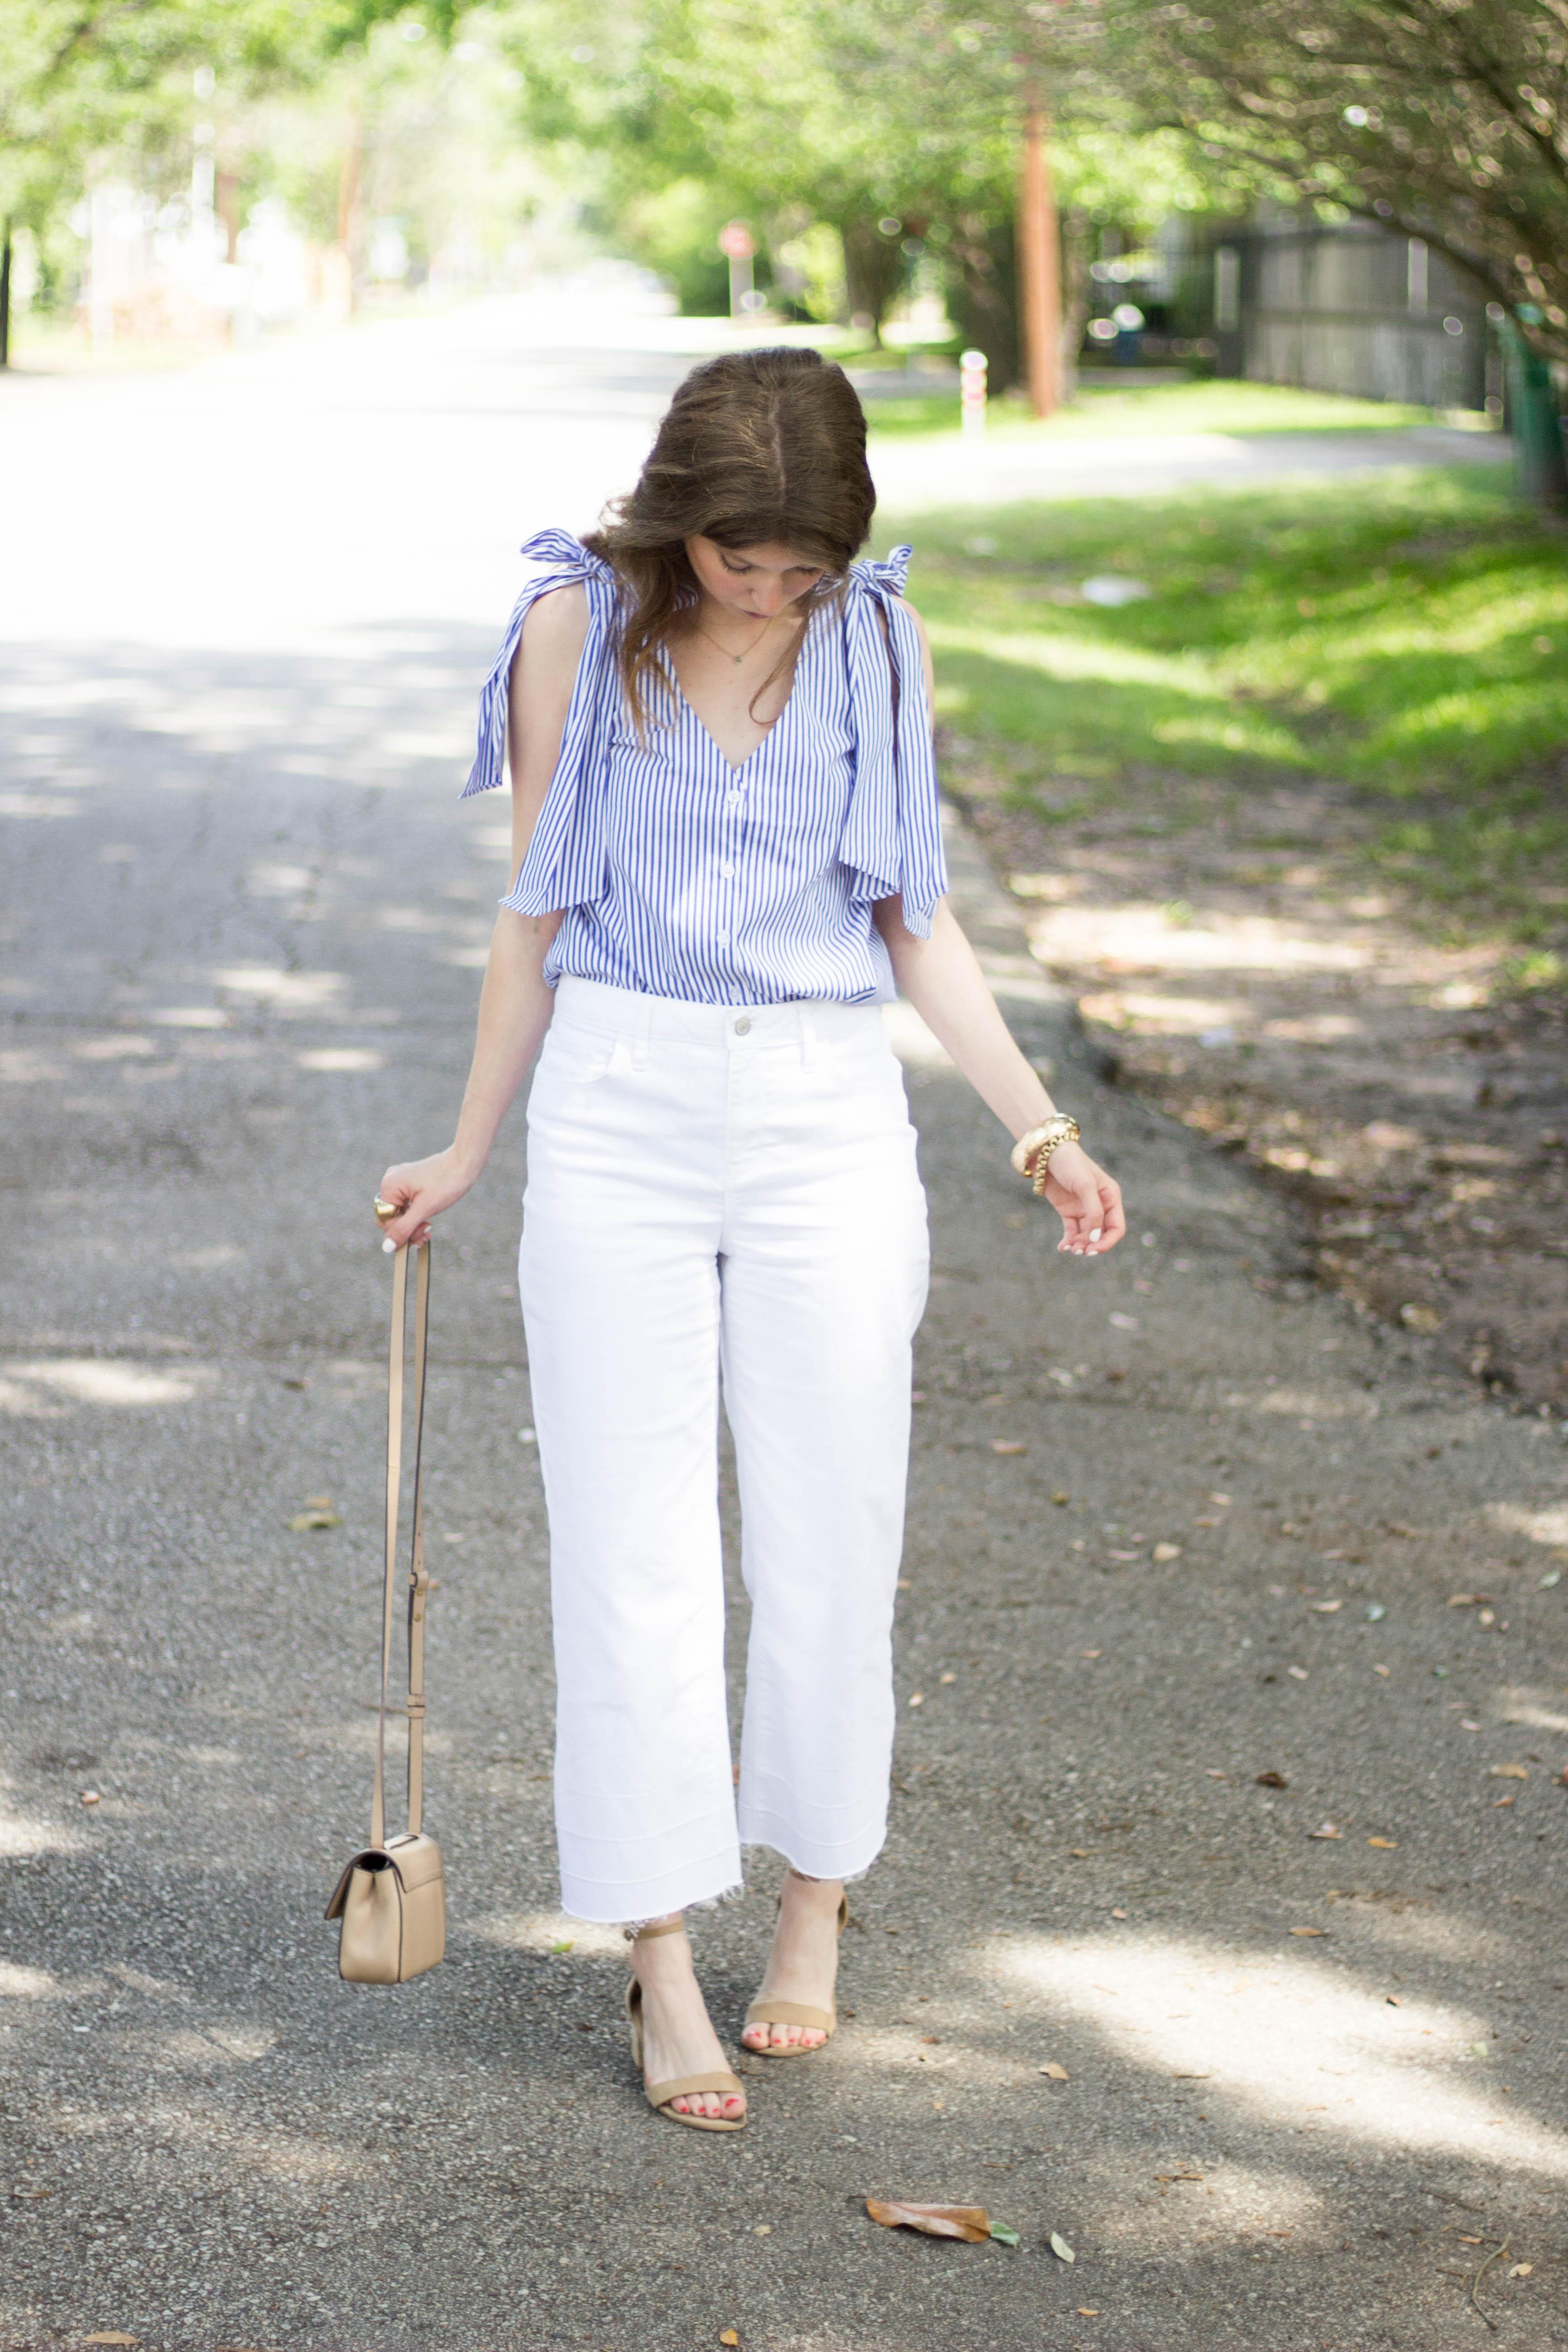 j.o.a top // wide leg jeans